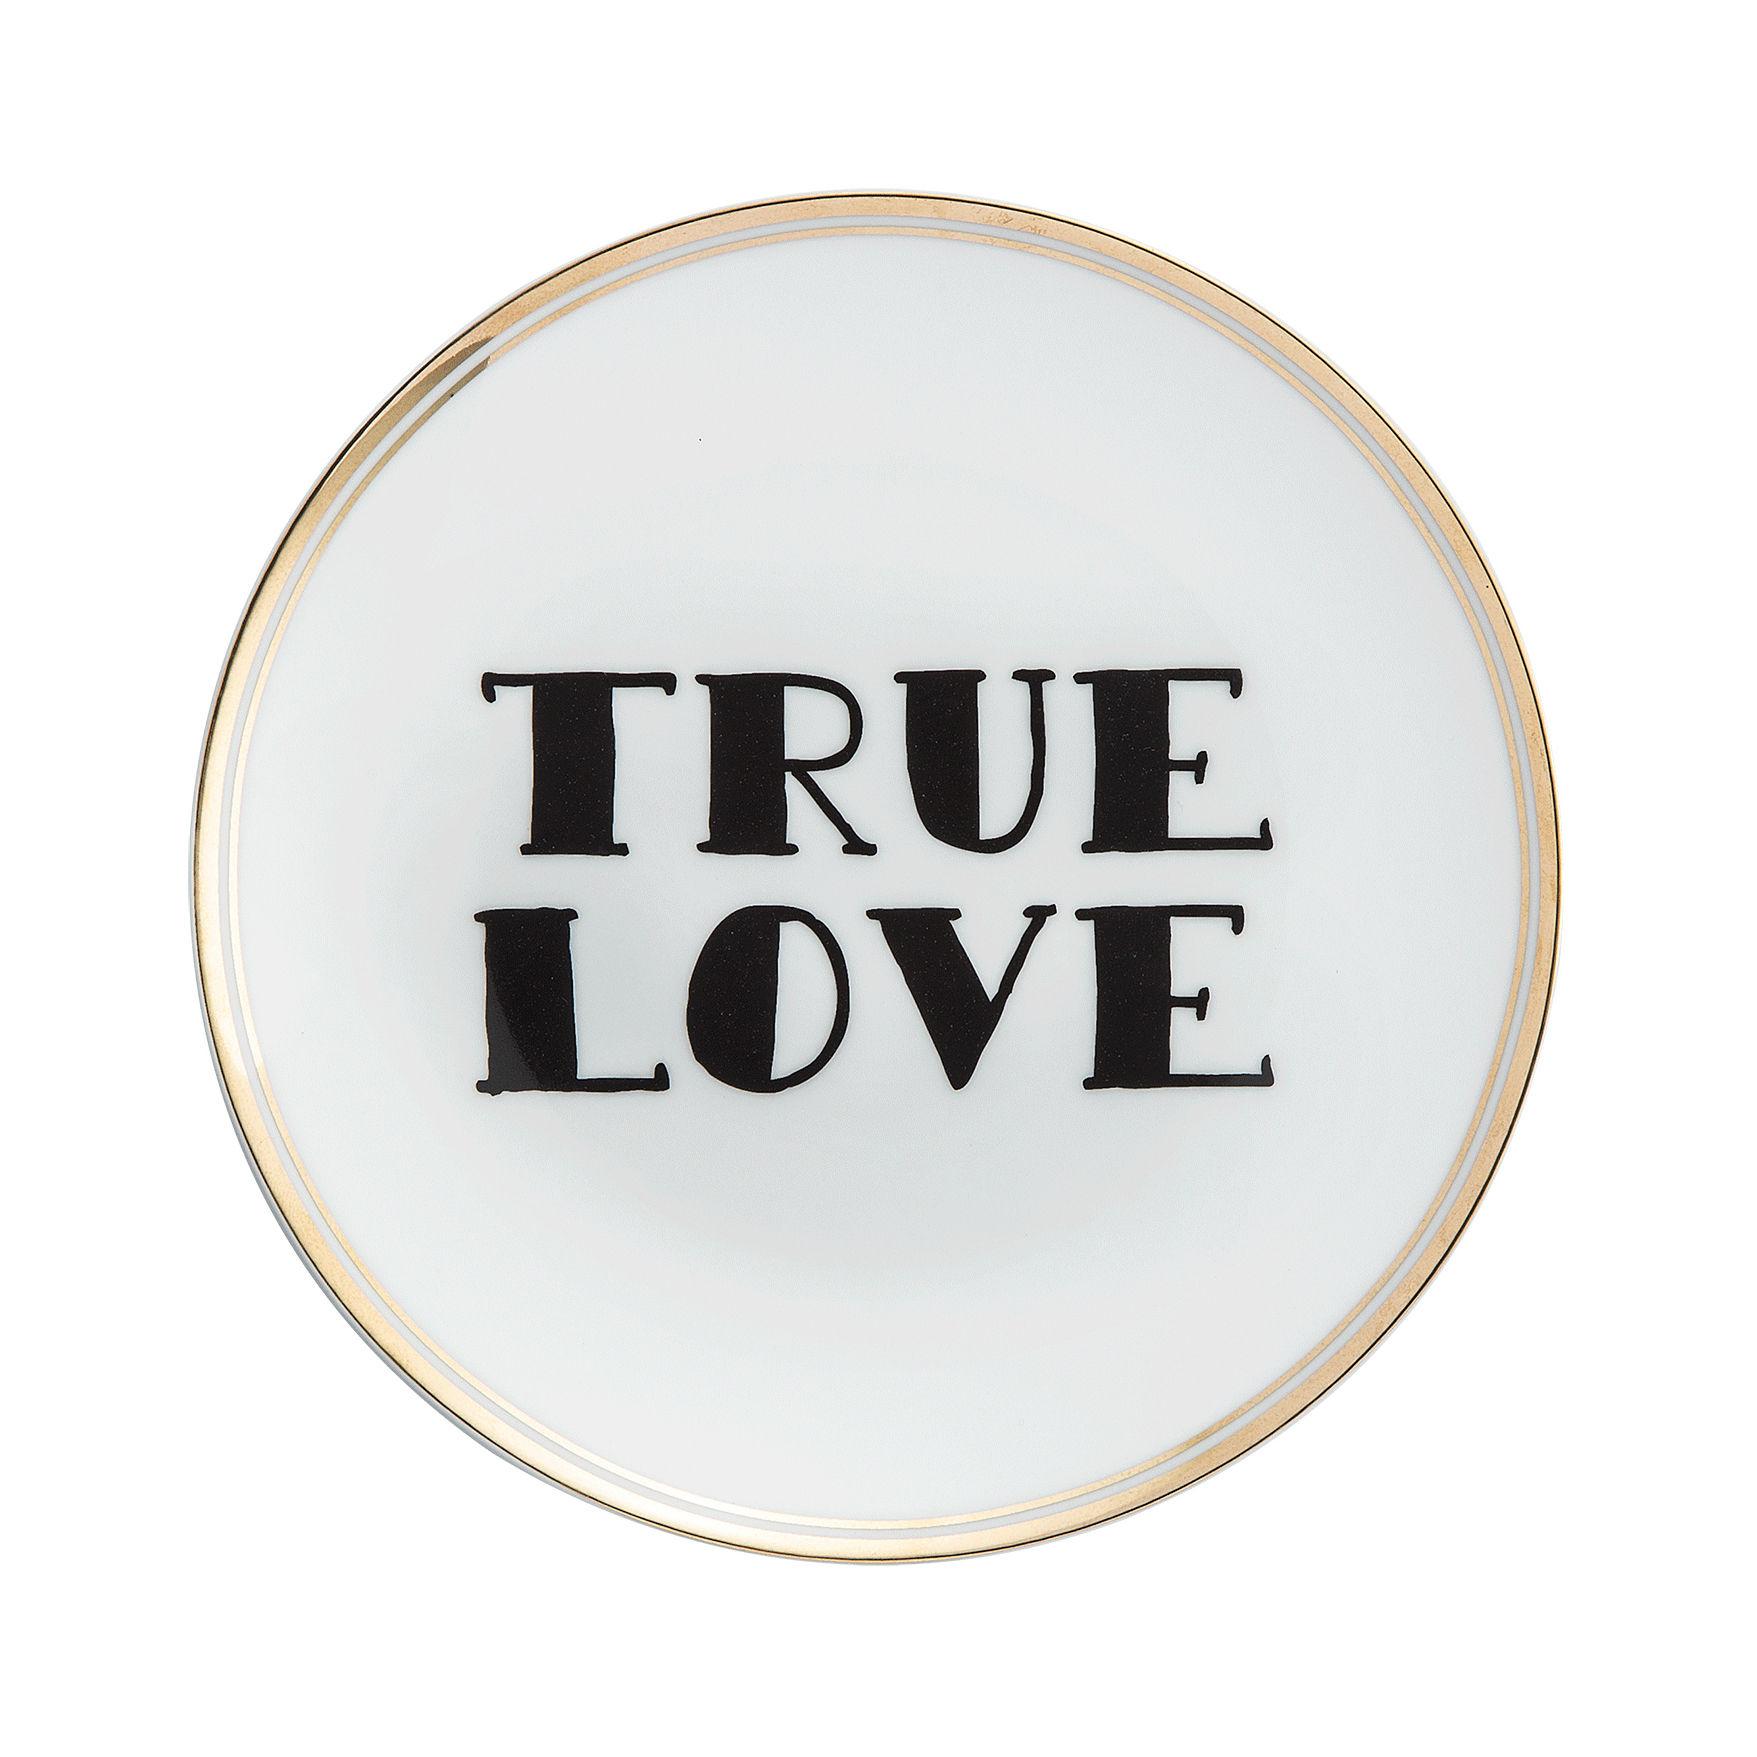 Arts de la table - Assiettes - Assiette à dessert True love / Ø 17 cm - Bitossi Home - True love - Porcelaine